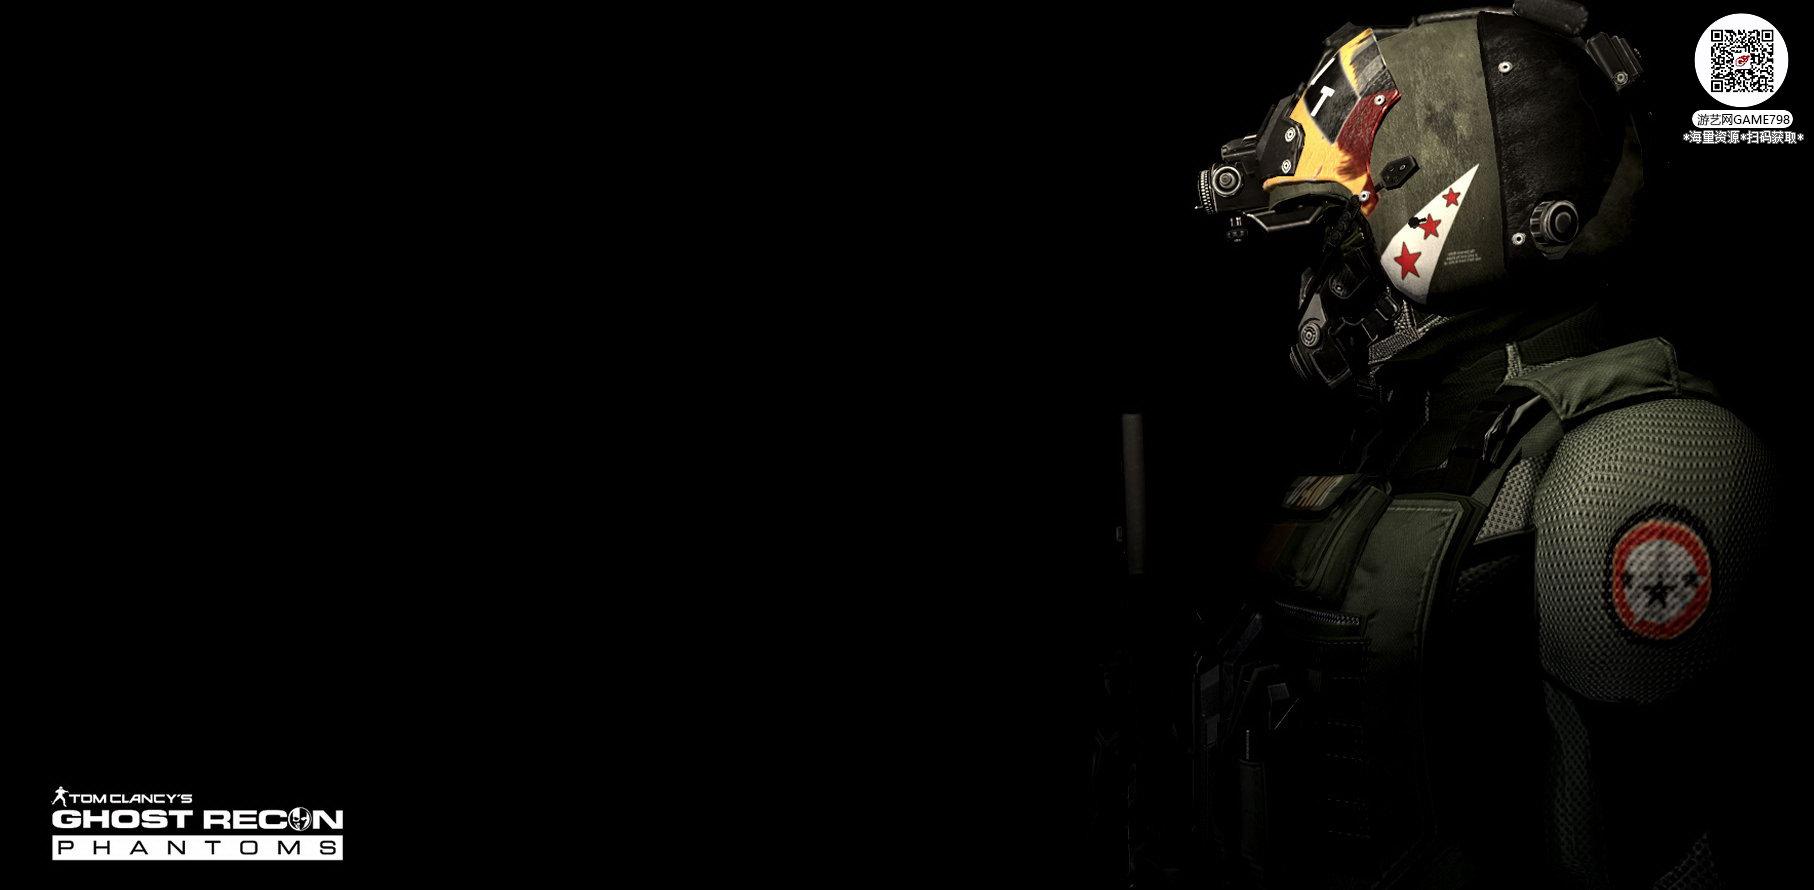 004_关注游艺网公众号获海量资源_幽灵行动未来战士次世代游戏3D模型参考原画概念设定.jpg